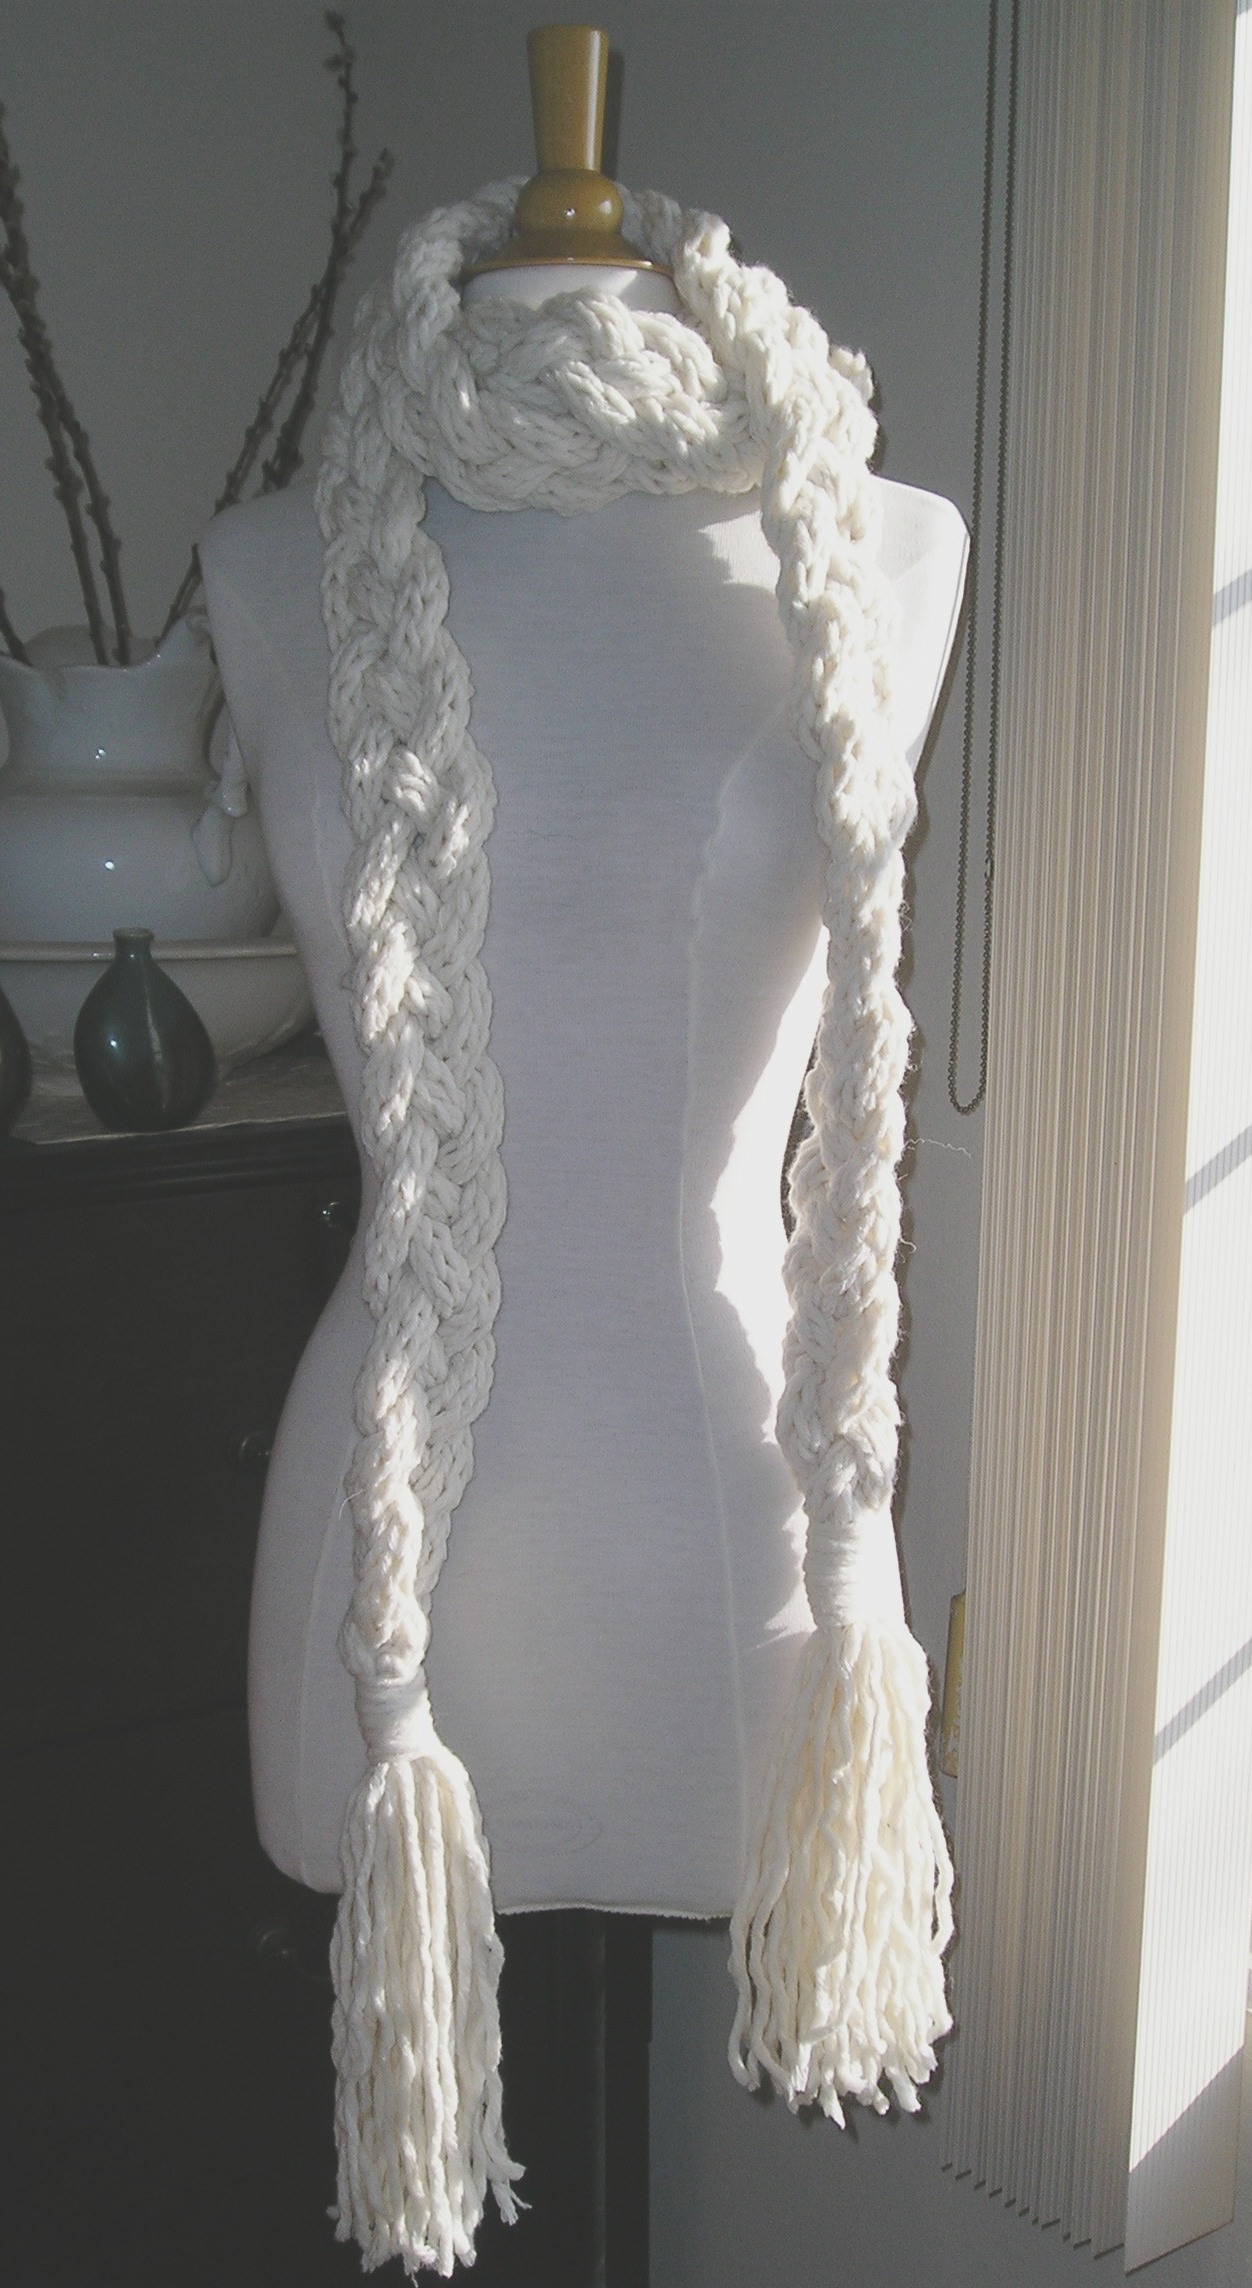 Rapunzel Infinity Scarf Crochet Pattern Free : Crochet Braided Rapunzel Scarf Pattern Share The Knownledge